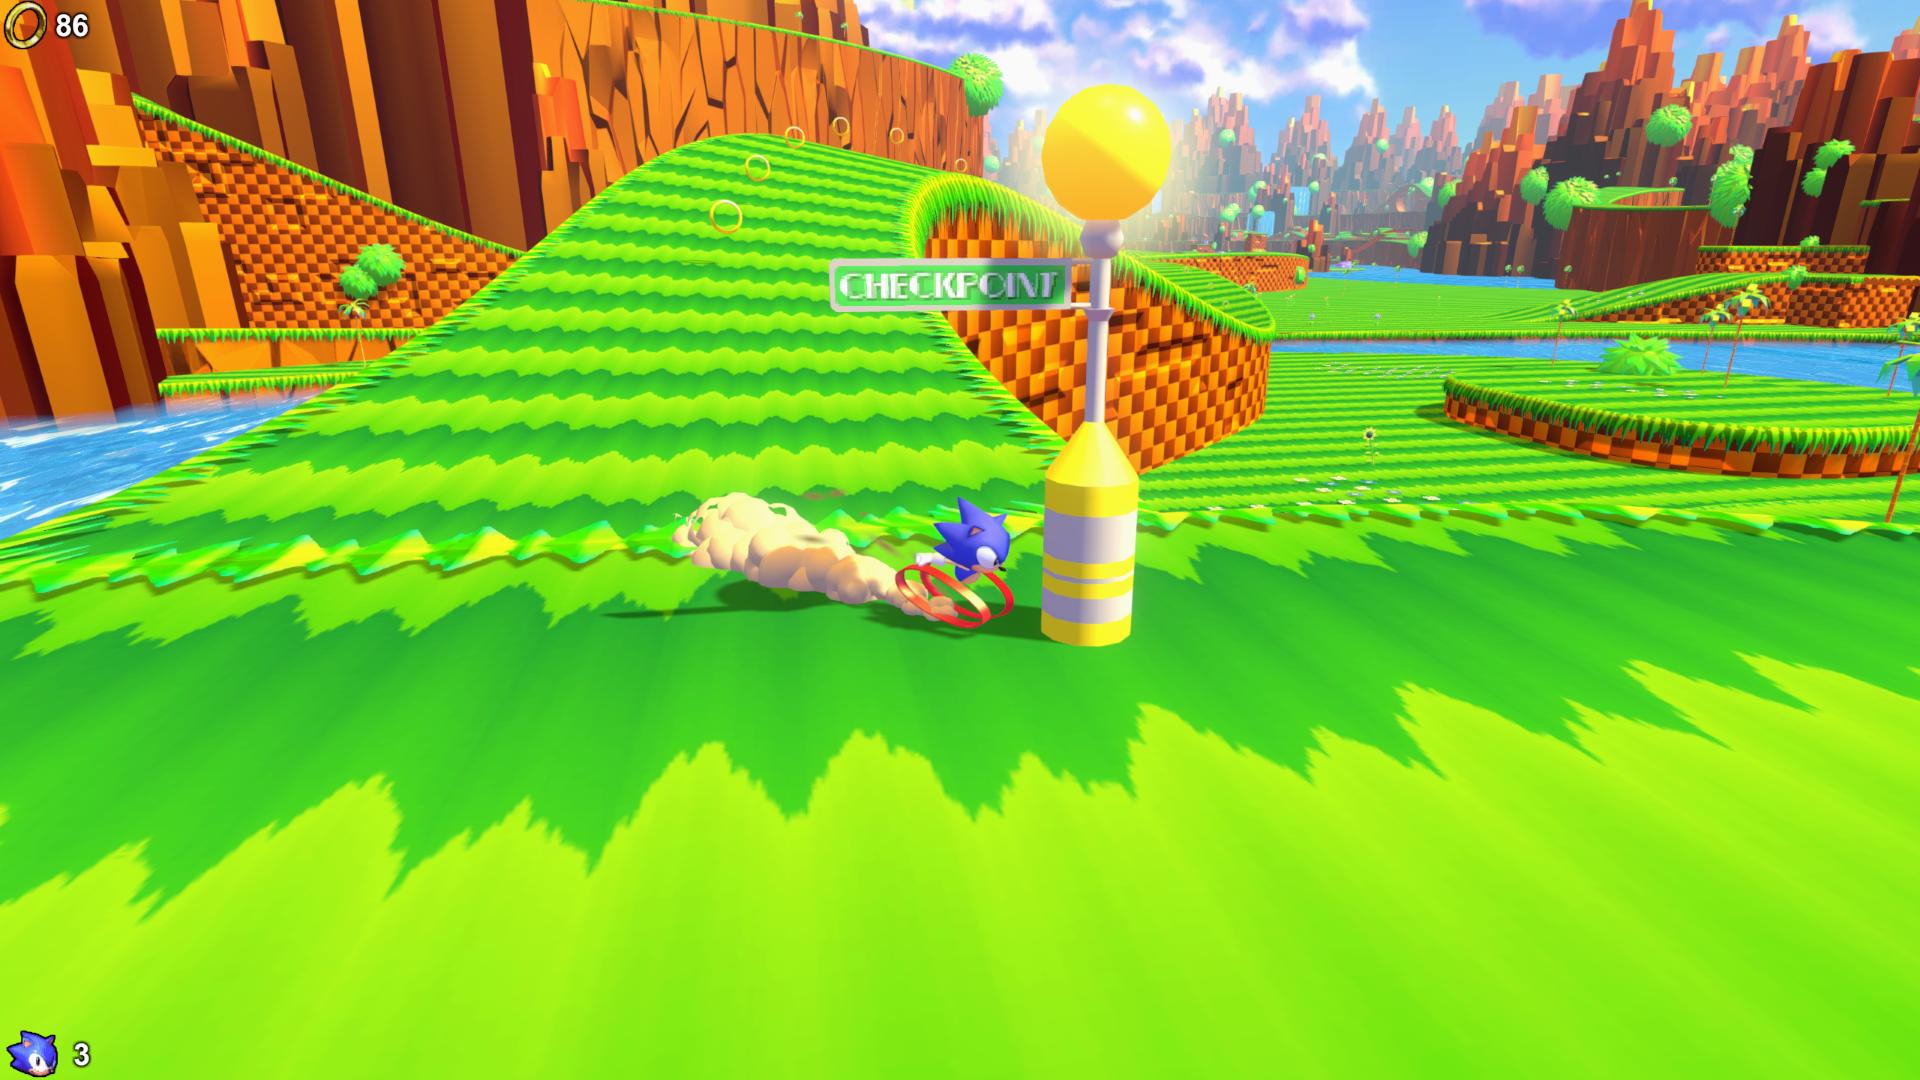 Signpost in Sonic Utopia